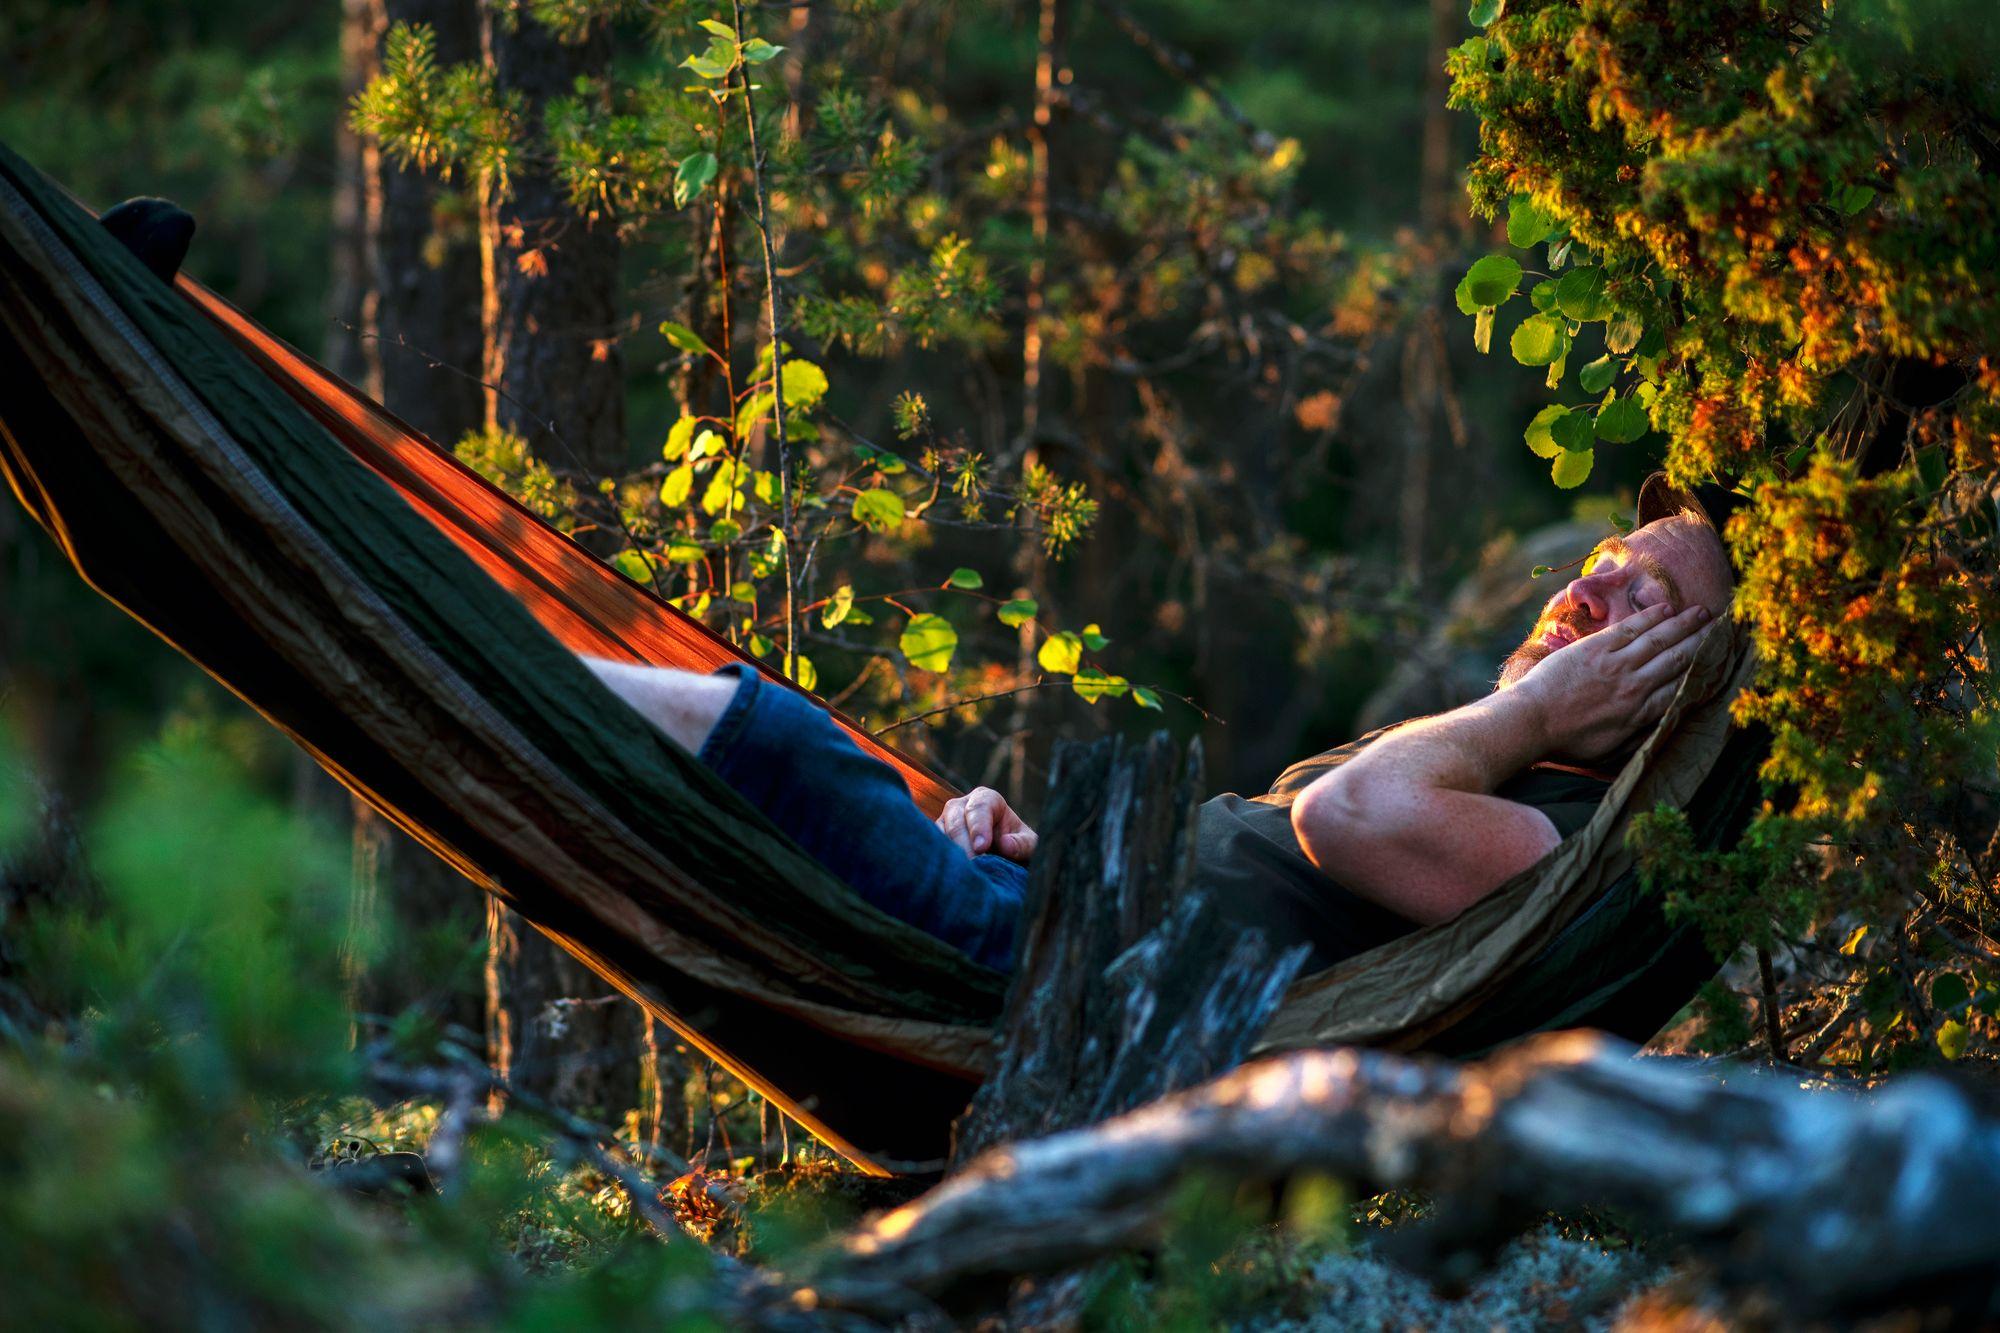 Vaikka retkeilijä ei kyennyt ripustamaan yösijaansa oikeaoppisesti, nukkumaan sentään pystyi. © Sampo Korhonen